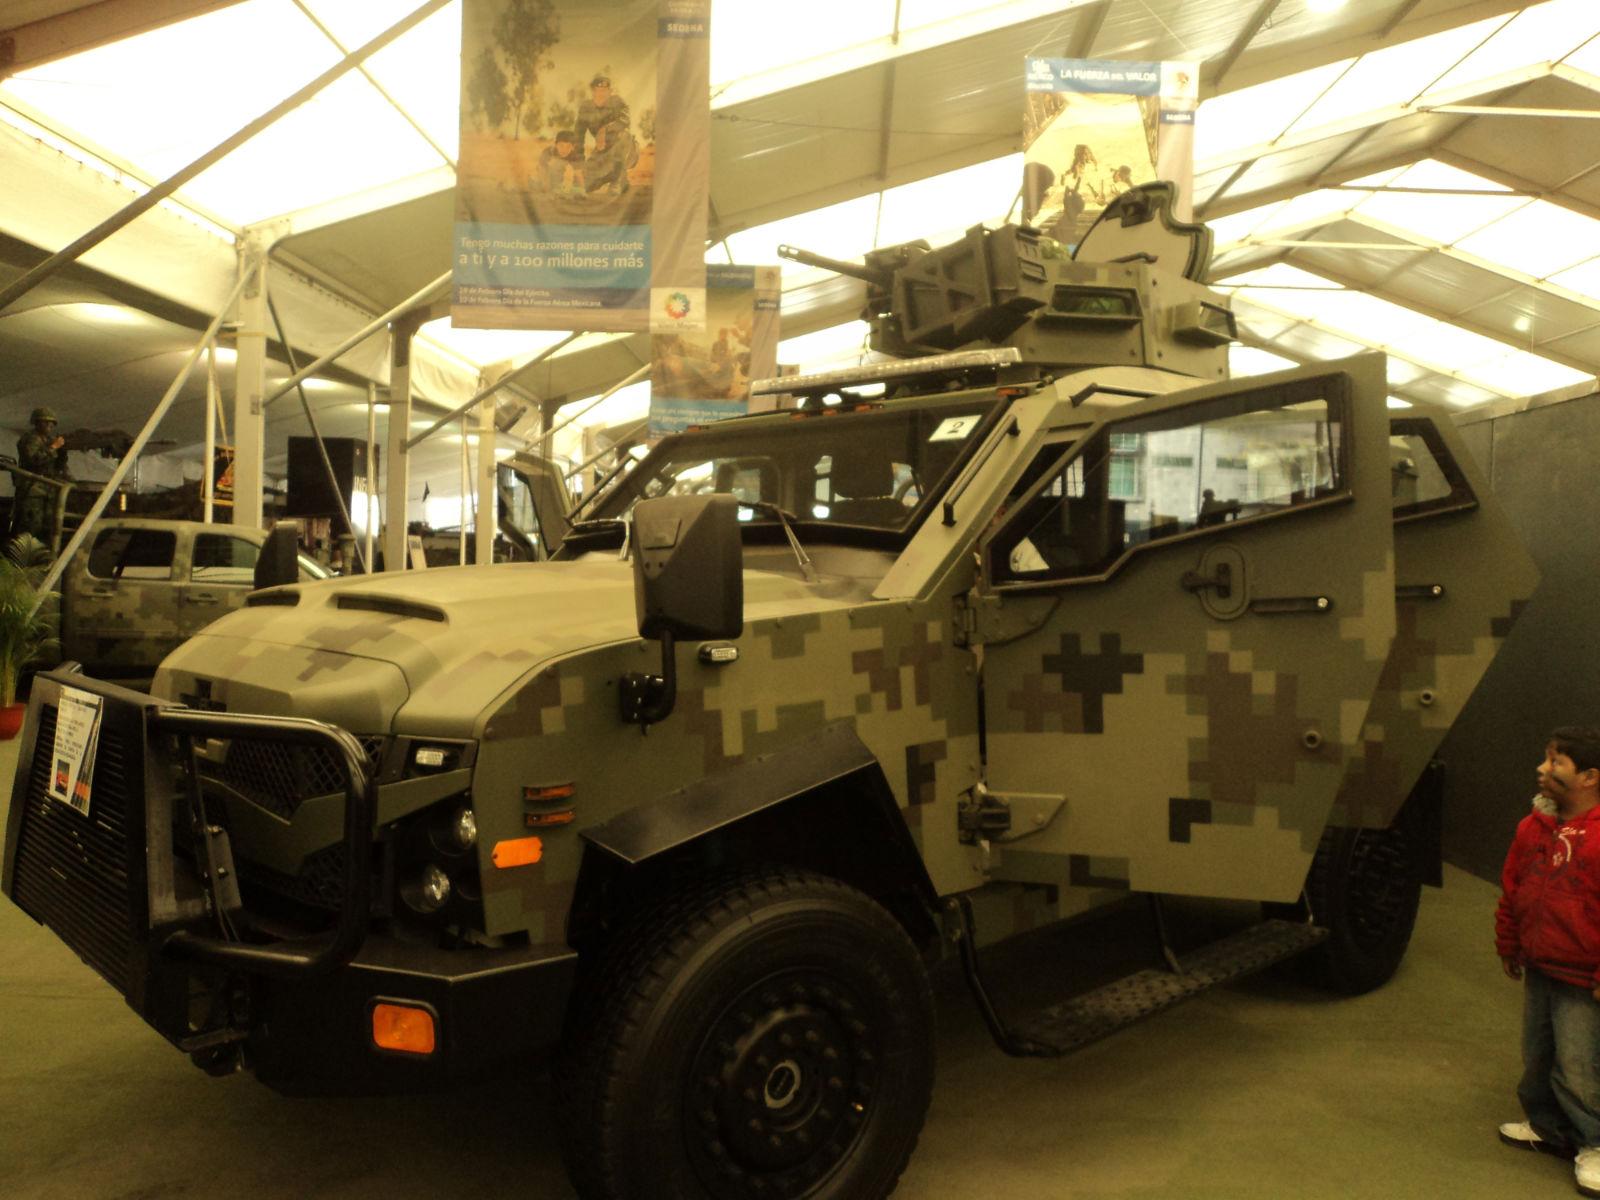 Exhibicion itinerante del Ejercito y Fuerza Aerea; La Gran Fuerza de México PROXIMA SEDE: JALISCO - Página 2 DSC01306